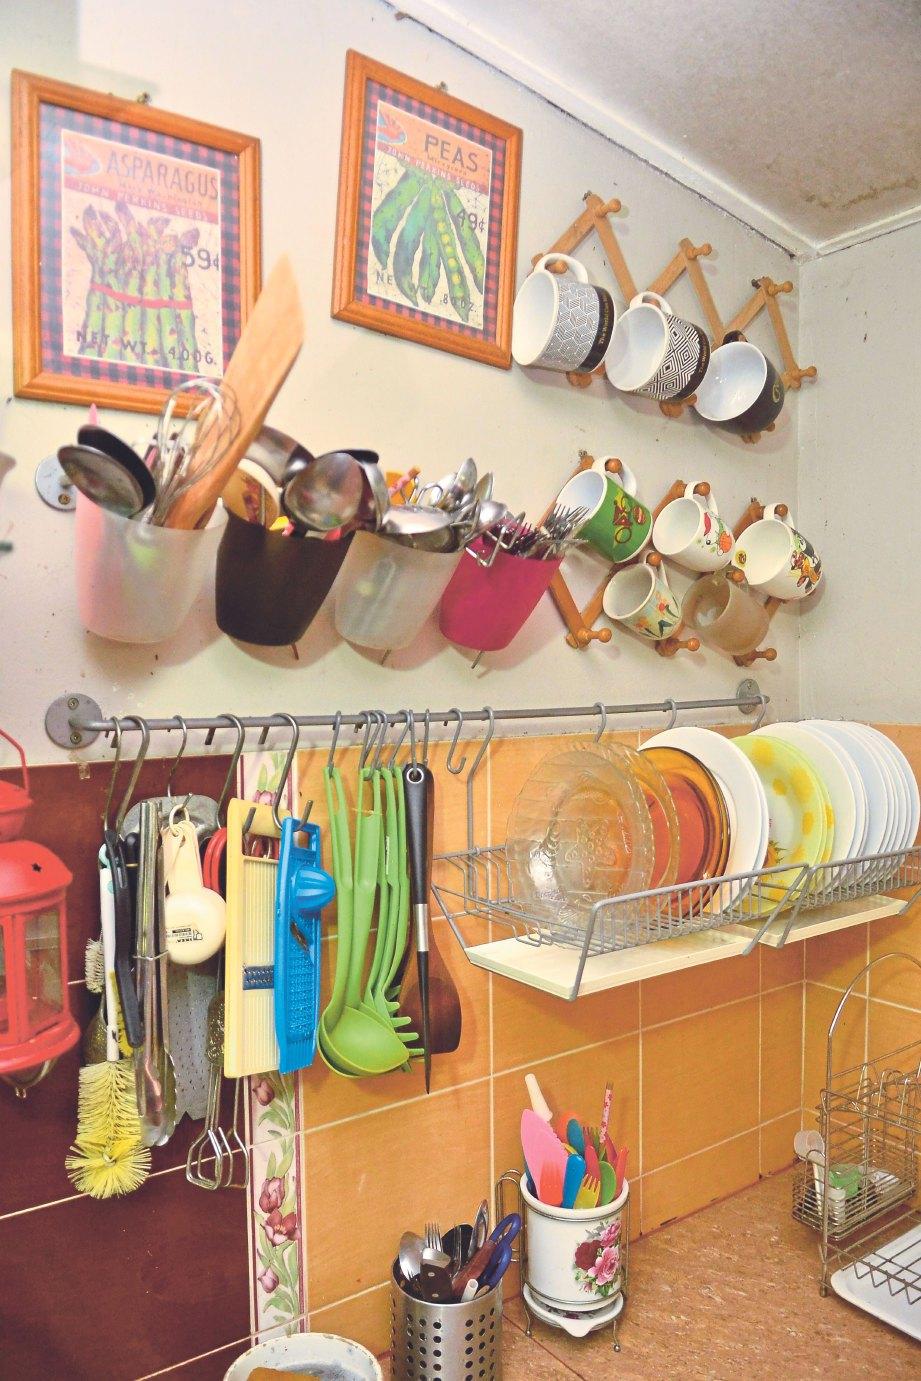 PERALATAN dapur, bekas makanan dan dinding dihias kemas dan menarik